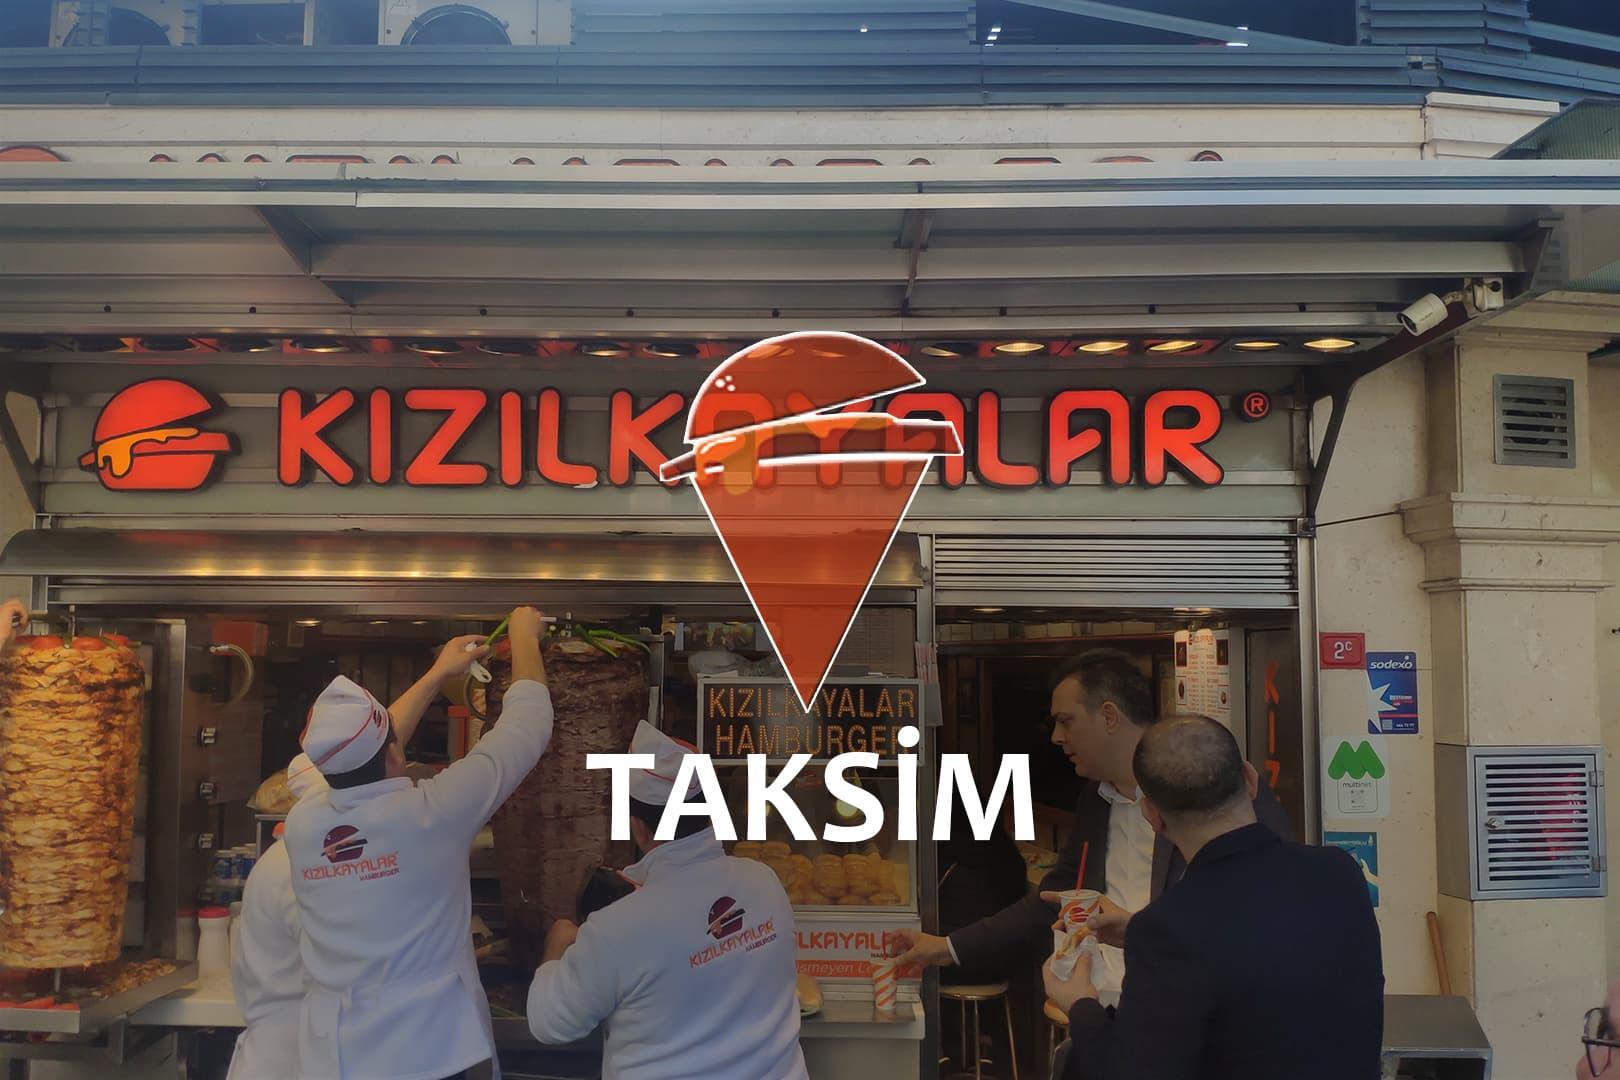 Kızılkayalar Taksim Branch